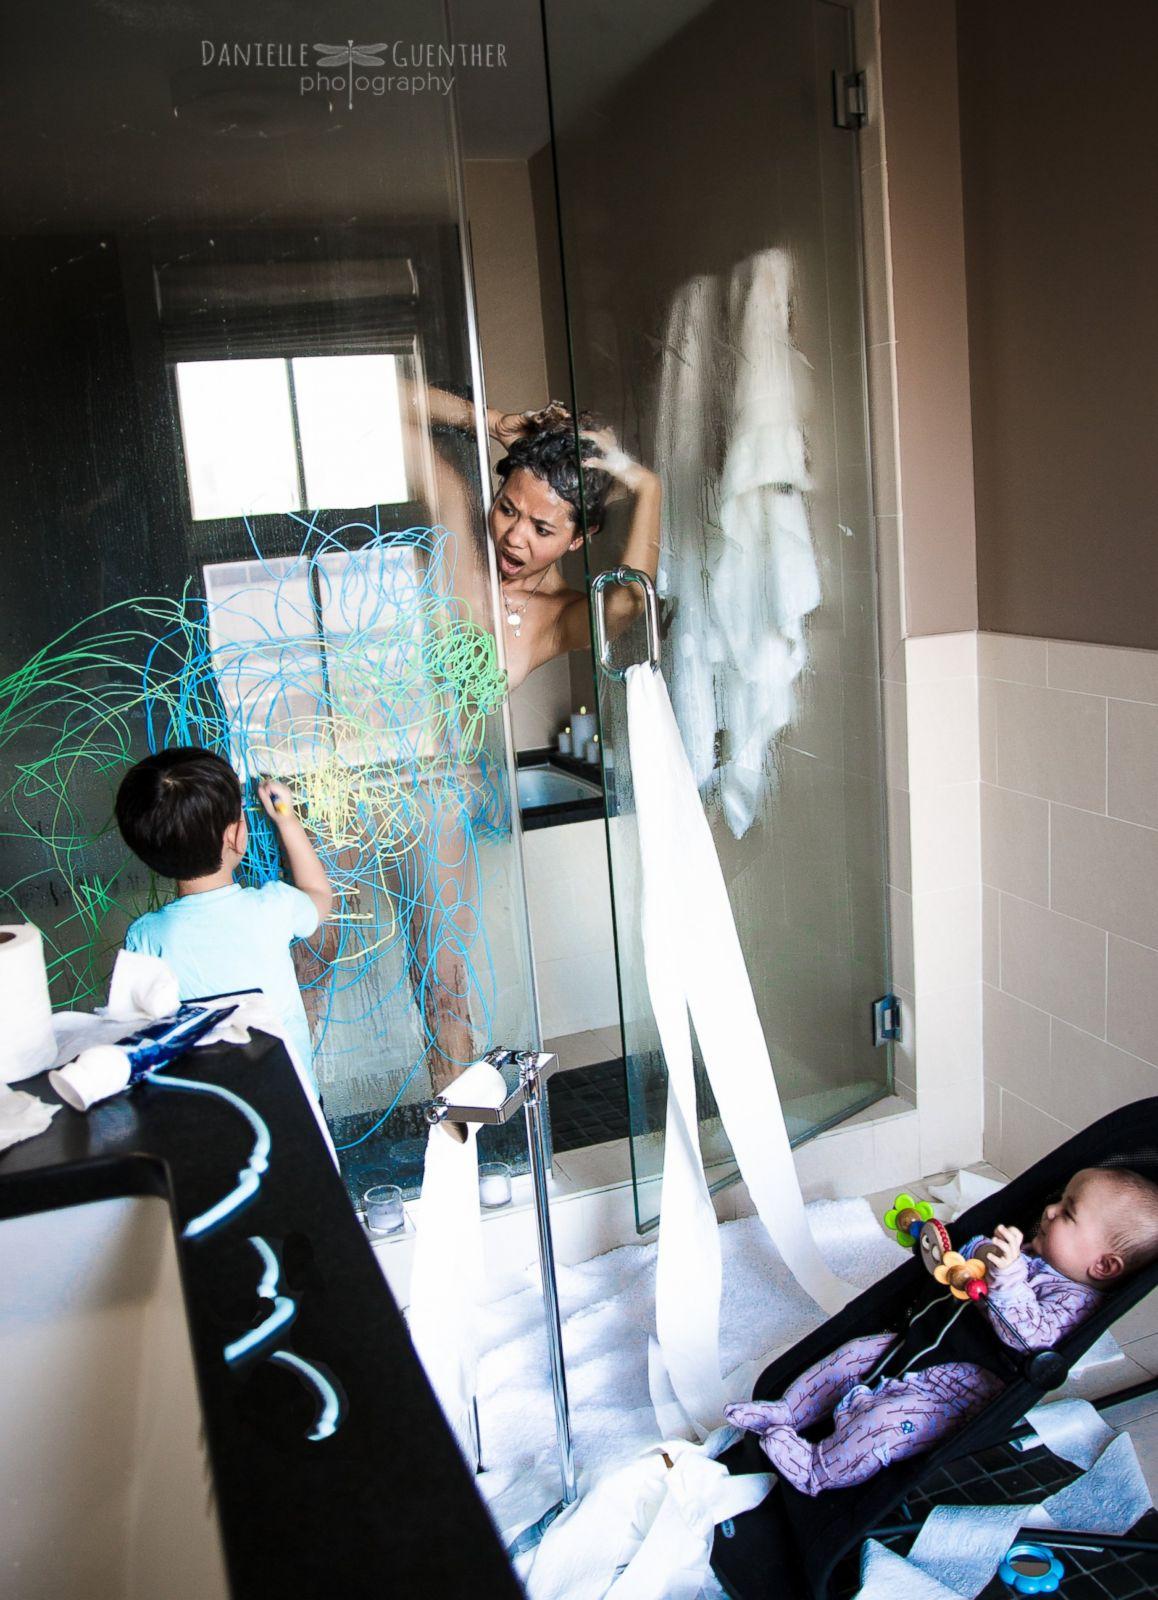 Чем занимаются подростки когда нет родителей дома 20 фотография